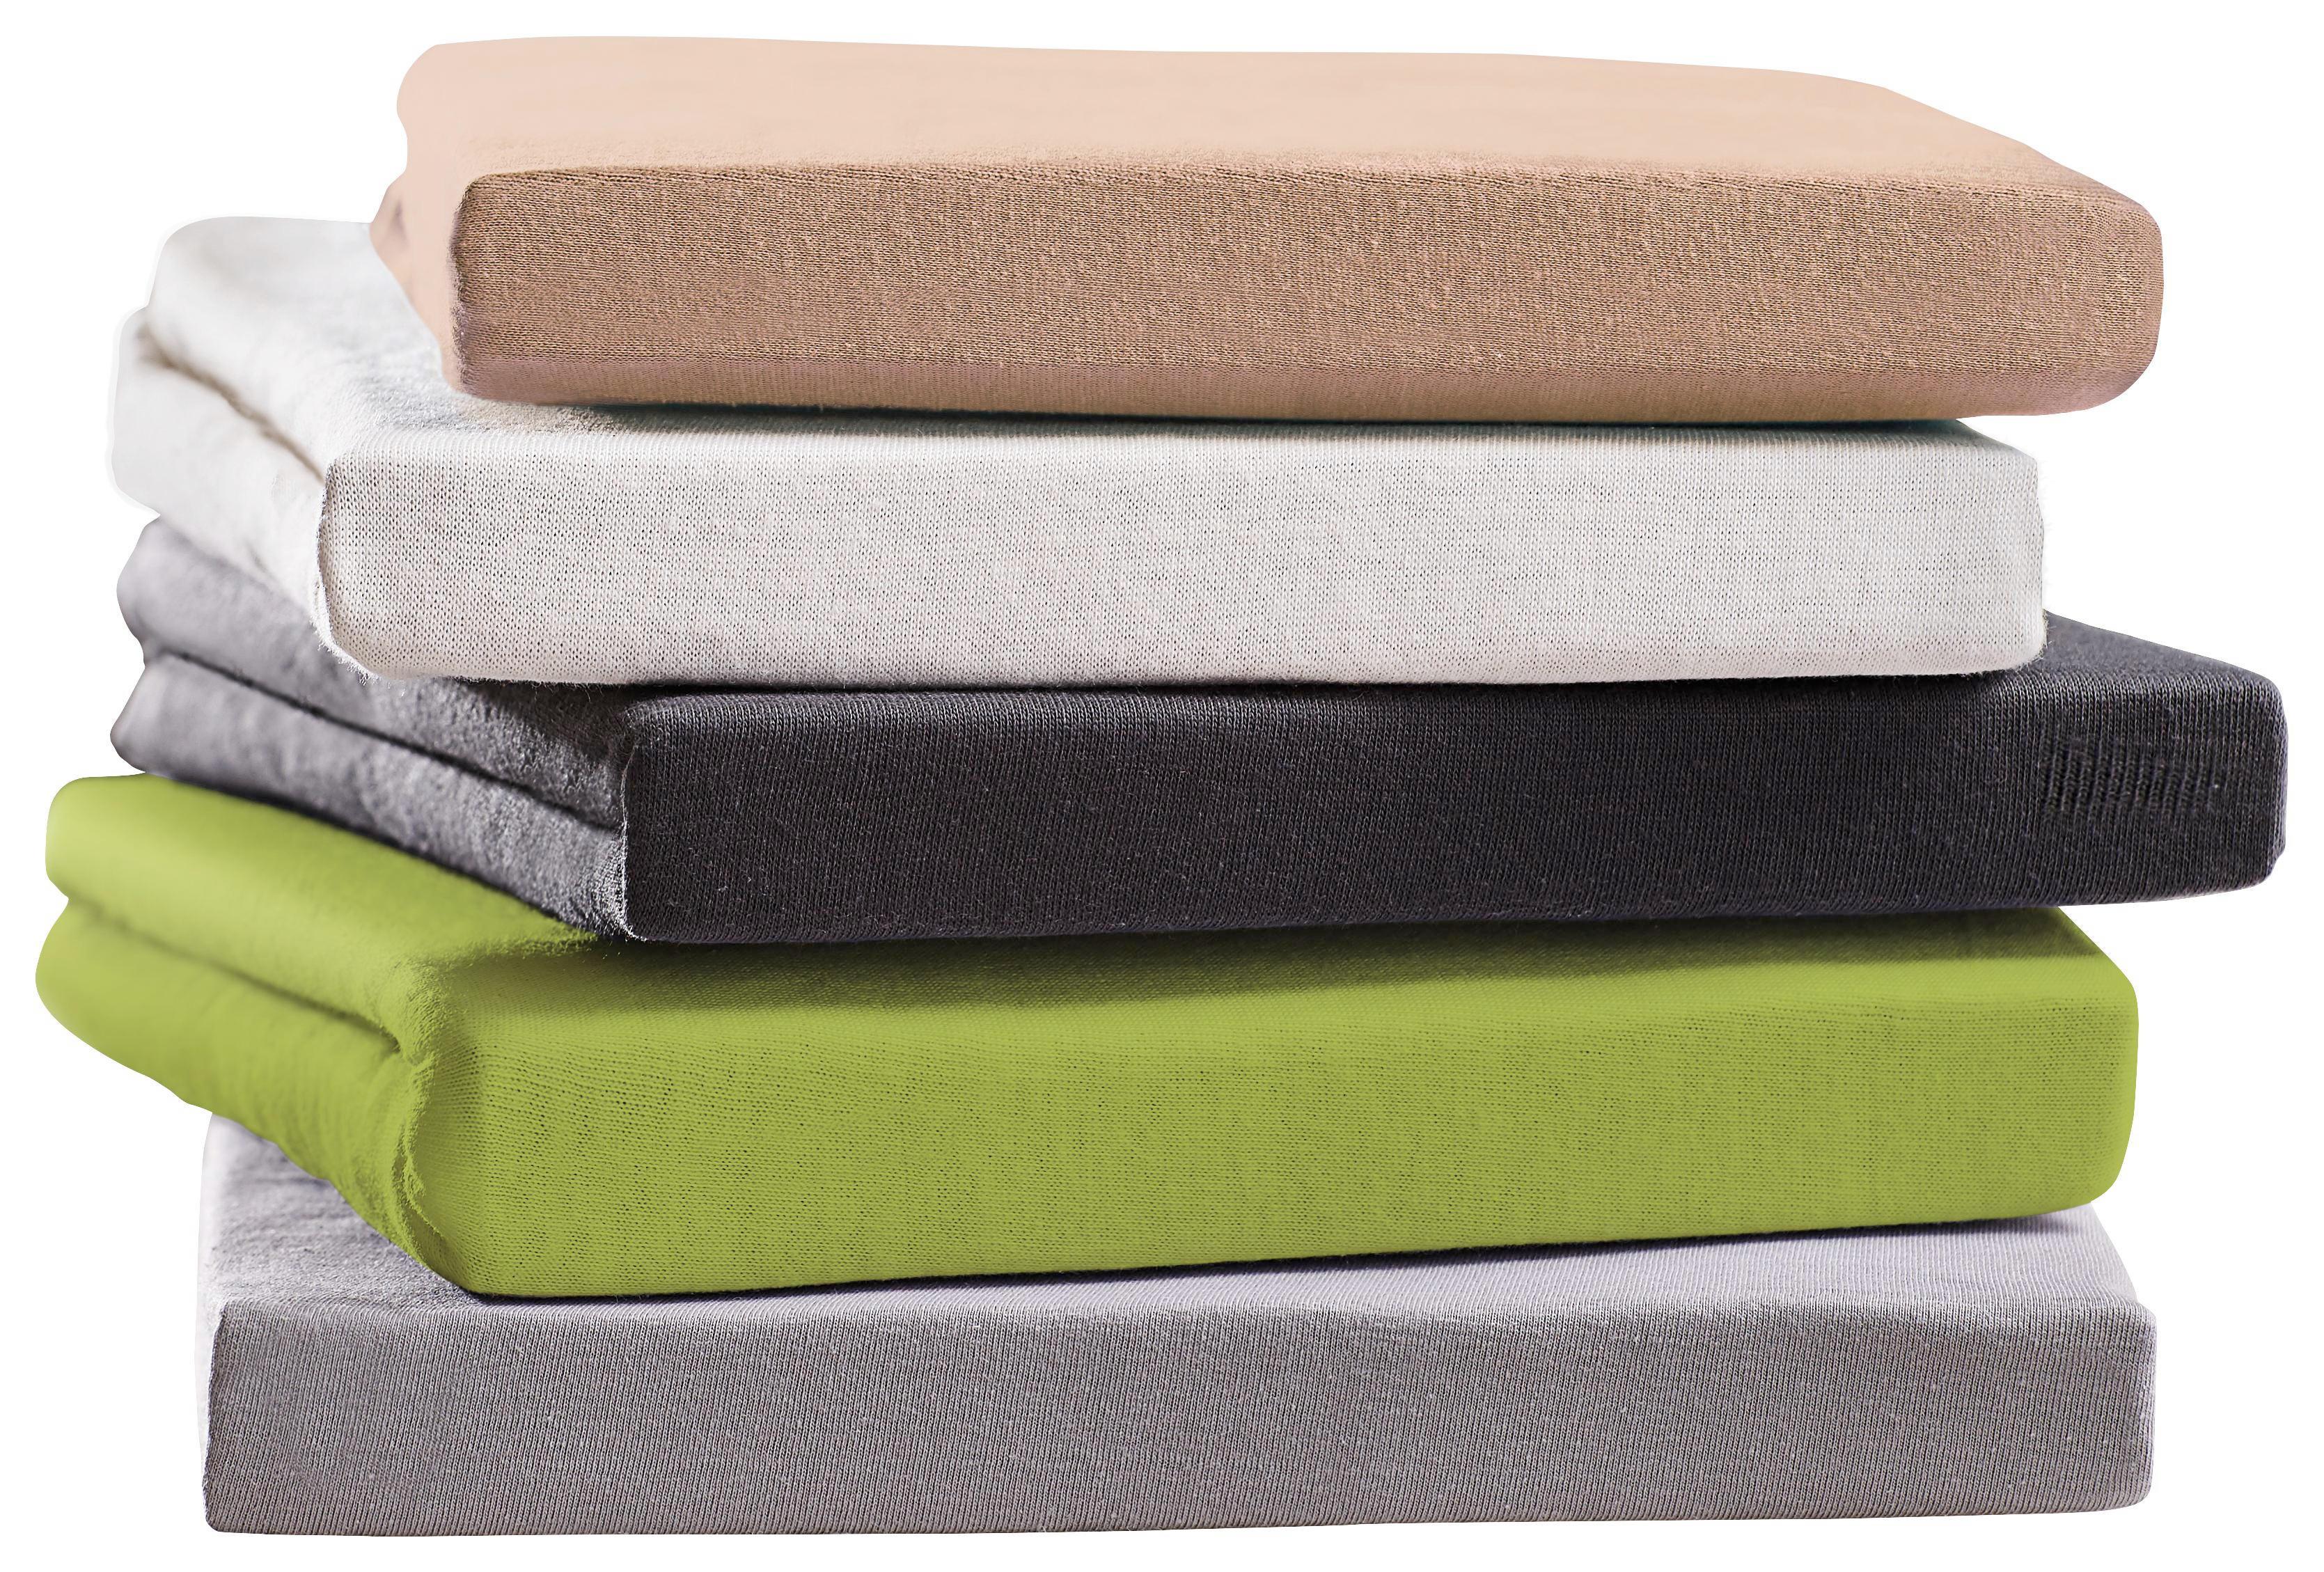 SPANNBETTTUCH Jersey Grün bügelfrei, für Wasserbetten geeignet - Grün, Basics, Textil (150/200cm) - BOXXX